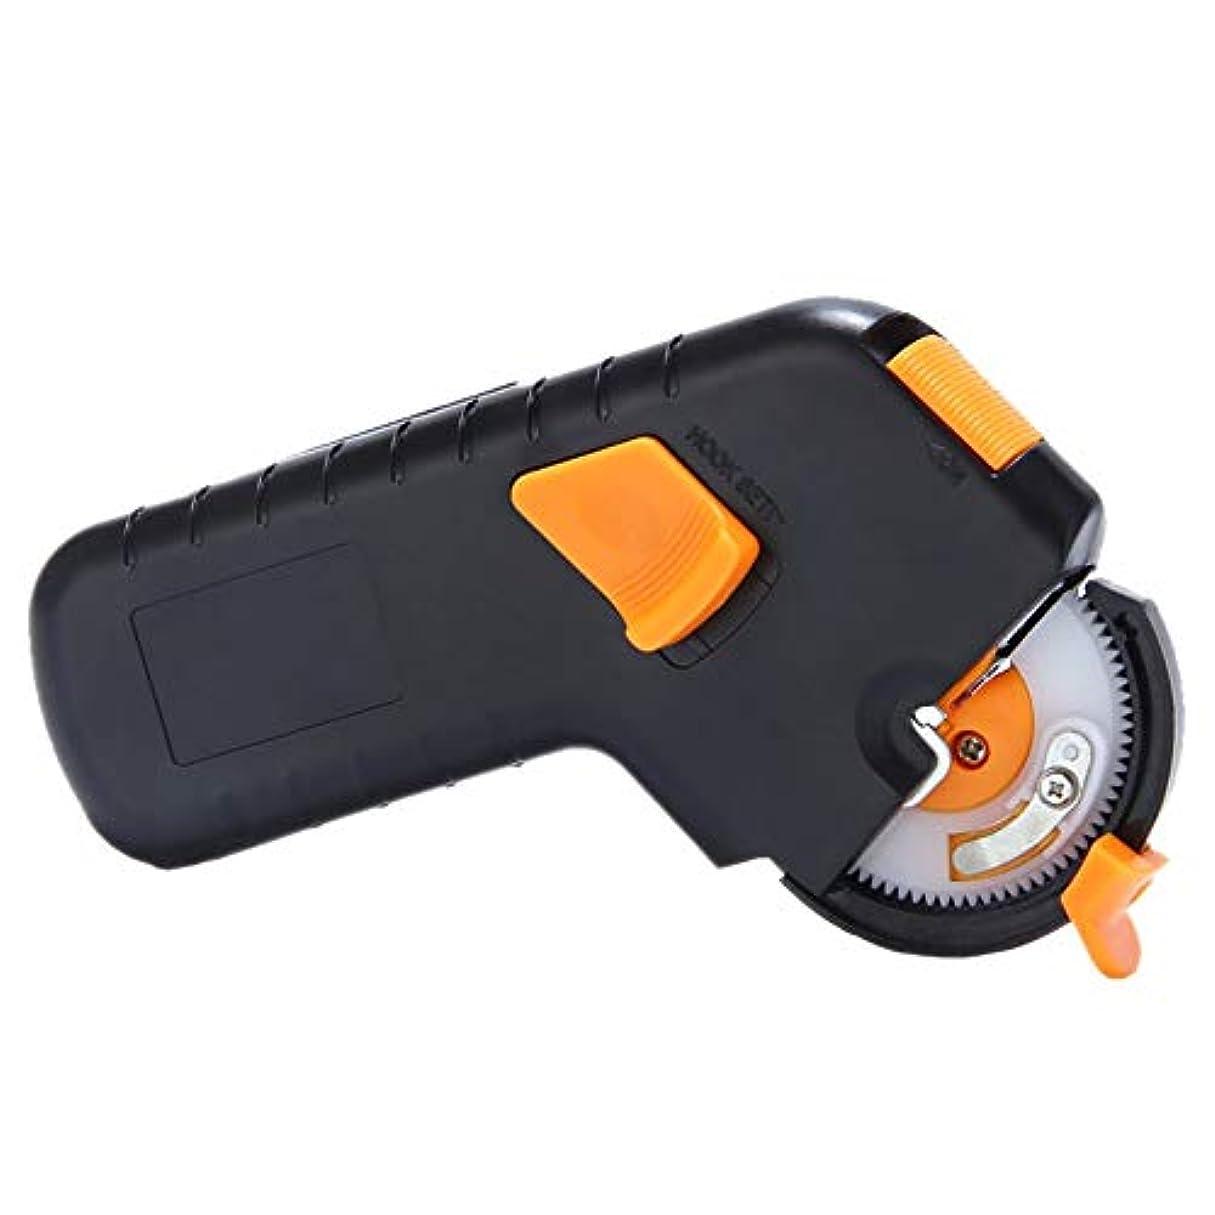 楽しい競合他社選手死の顎VICOODA 釣り針結び器 ハンドル式 自動 乾電池式(電池なし) 滑り止め 釣りフック 内掛け結びが楽々可能